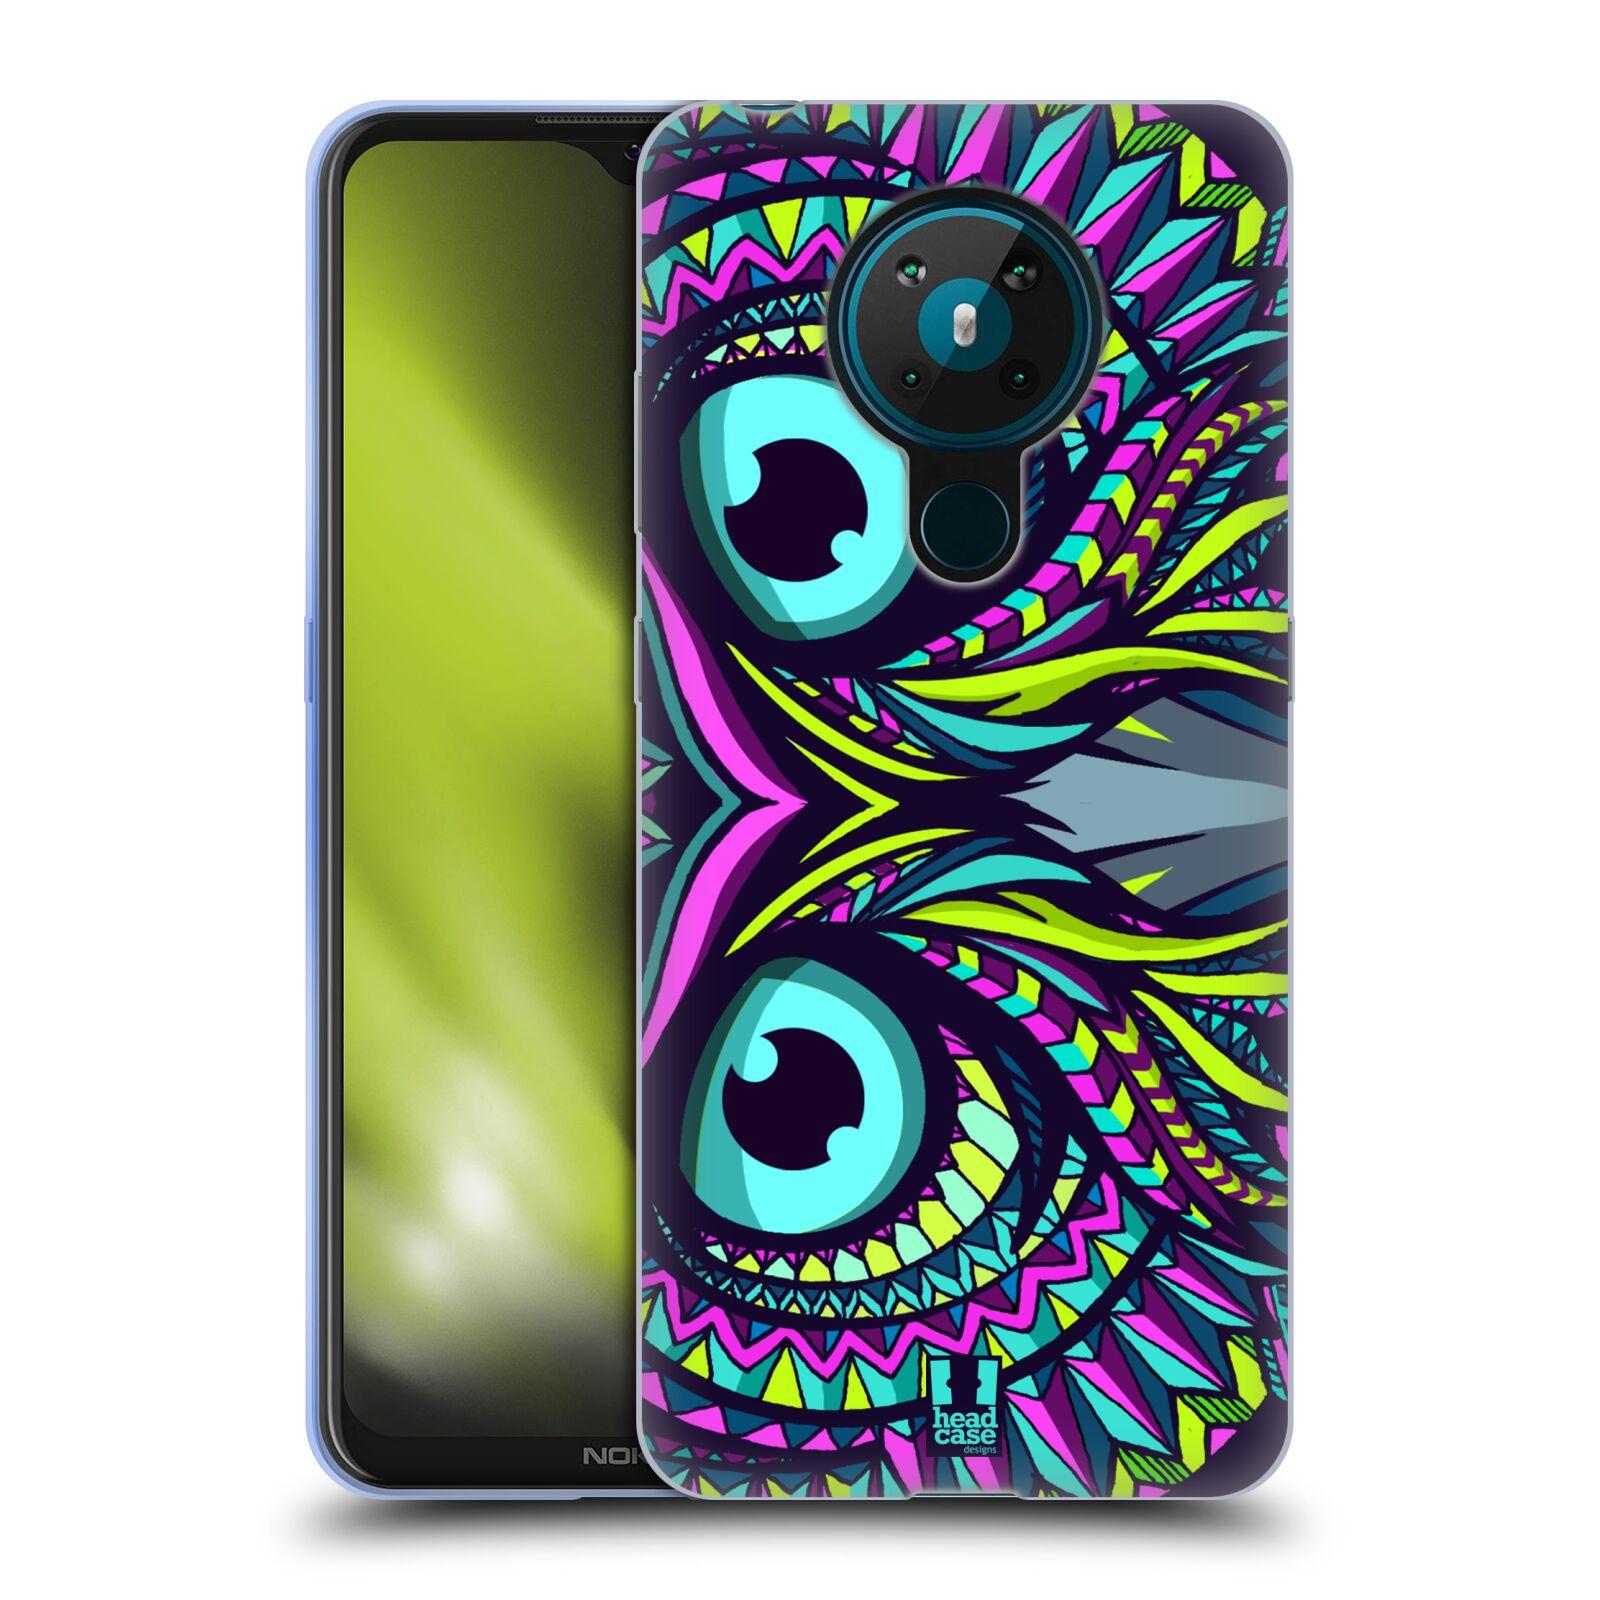 Silikonové pouzdro na mobil Nokia 5.3 - Head Case - AZTEC SOVA